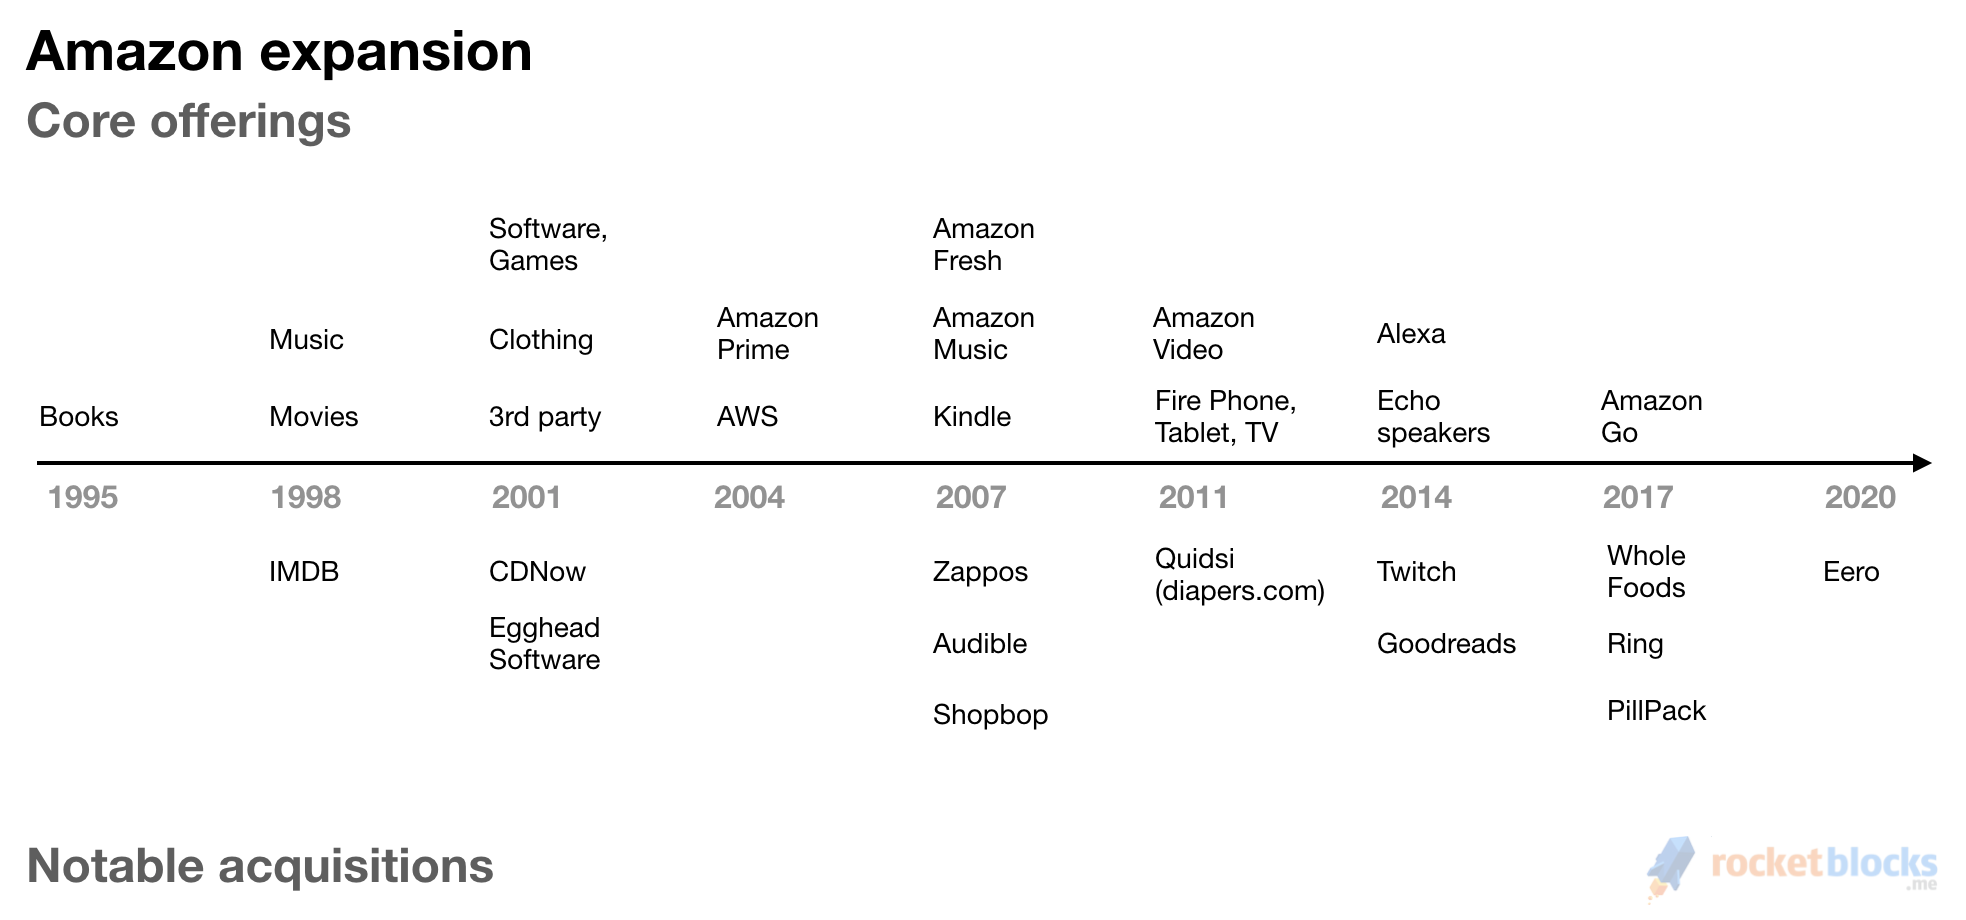 Amazon metrics: helpful benchmarks for Amazon product